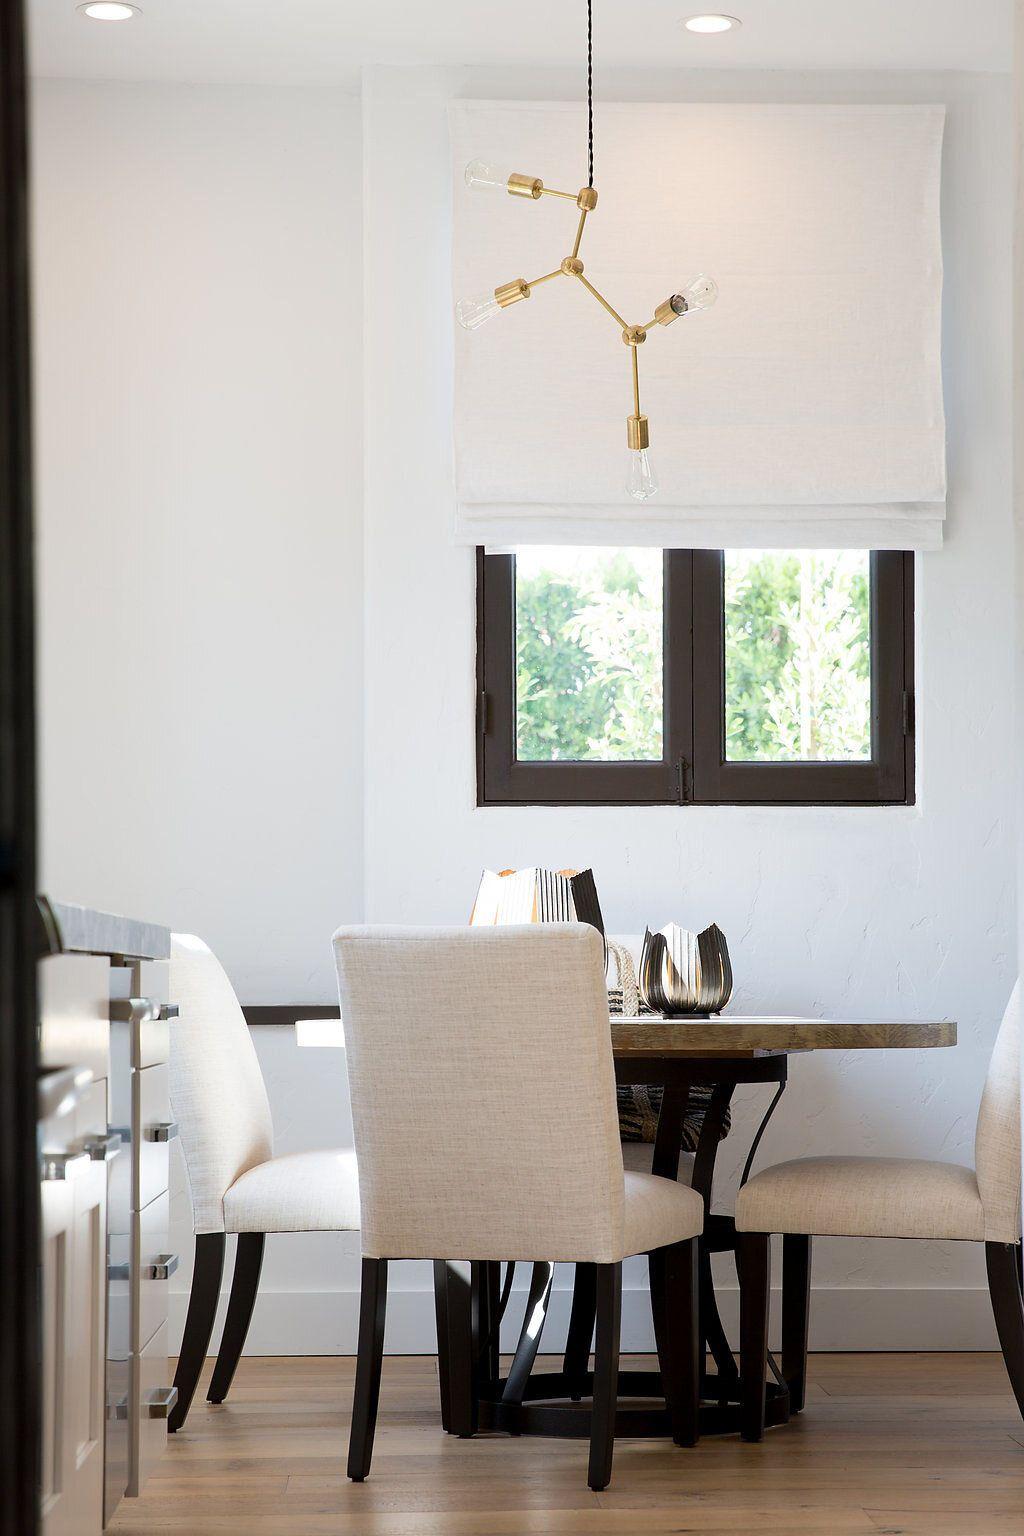 Transitional dining nook with sputnik chandelier